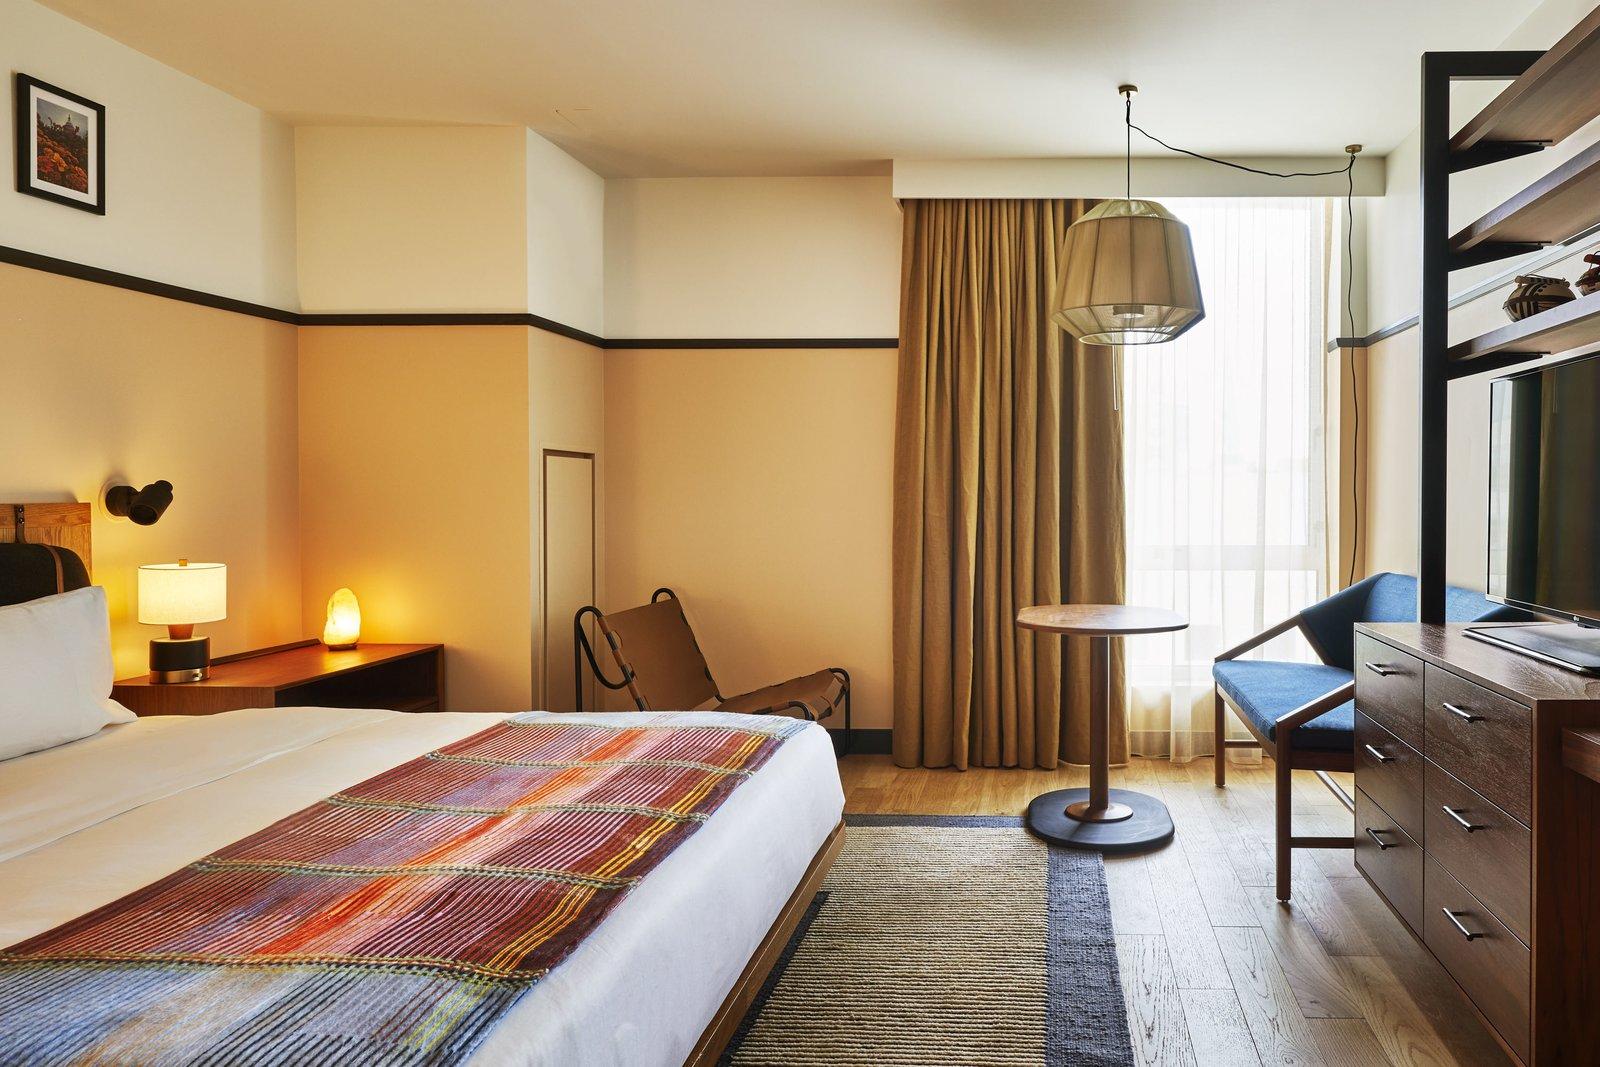 Eaton DC hotel guest suite